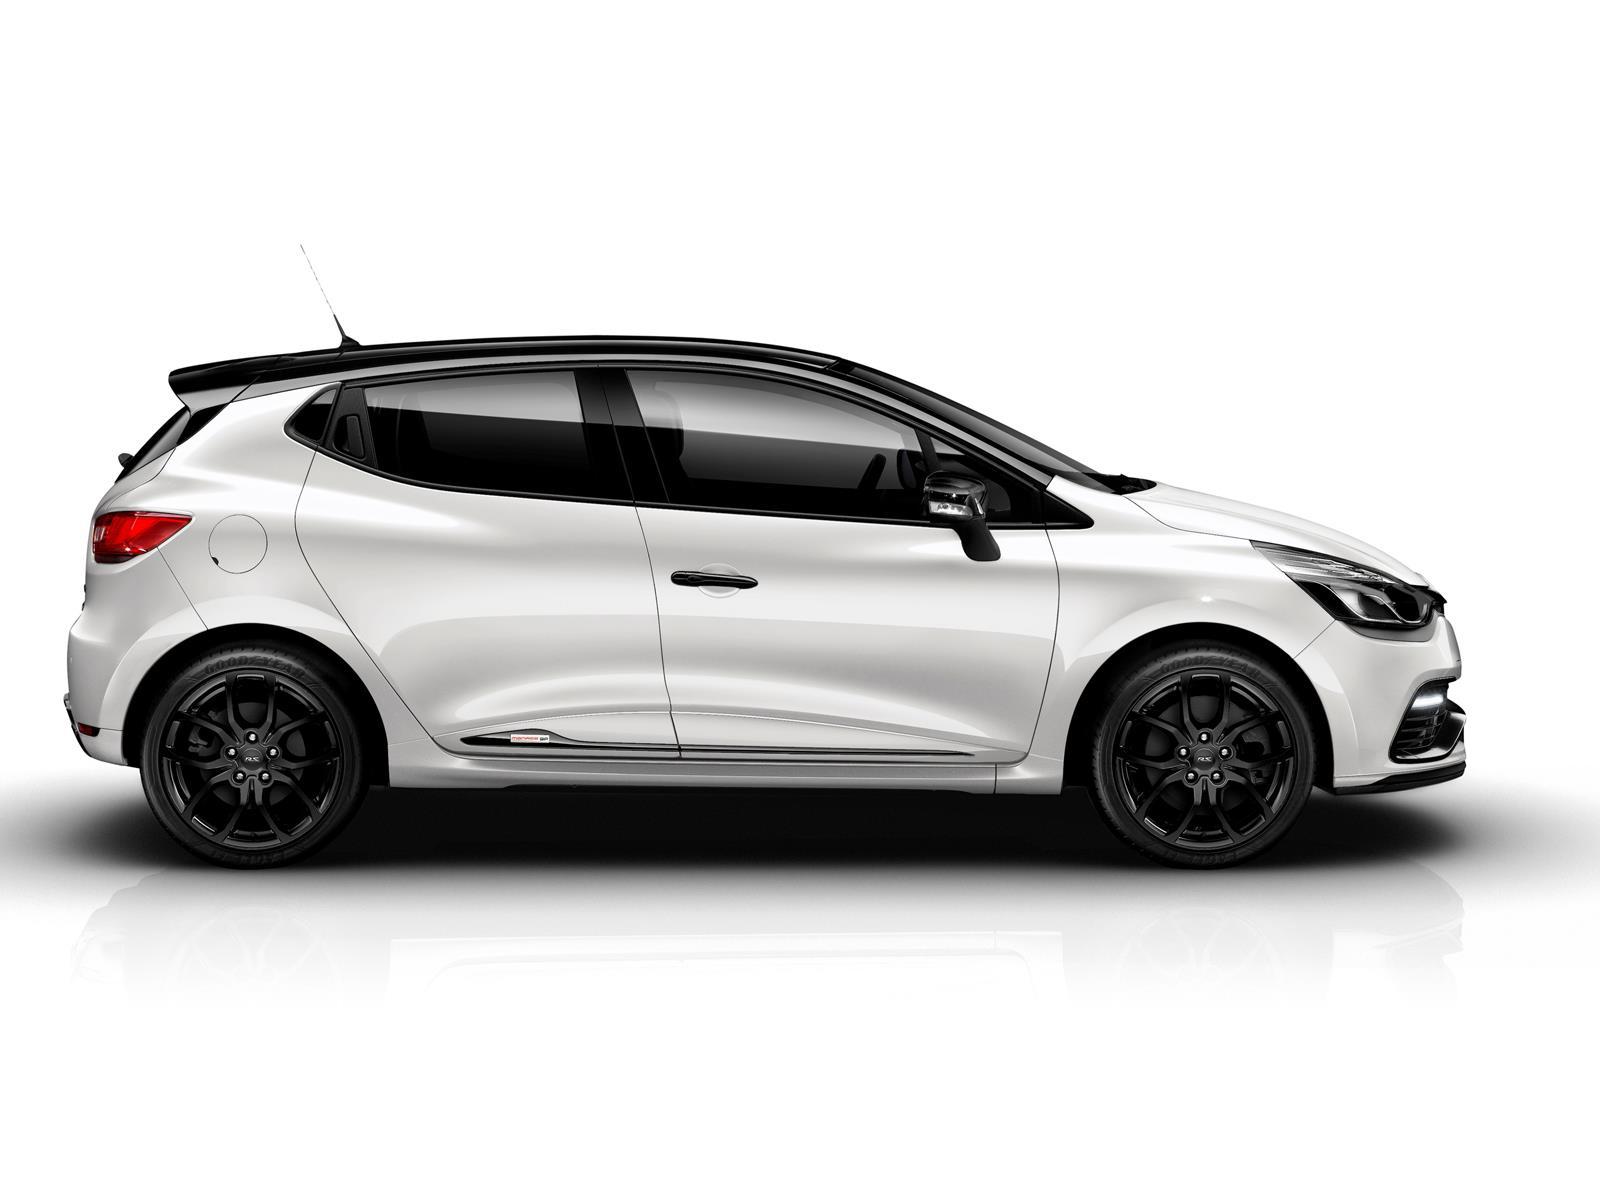 Nuevo Renault Sport R S 01 Renderings 2014: Renault Clio RS 200 Edición